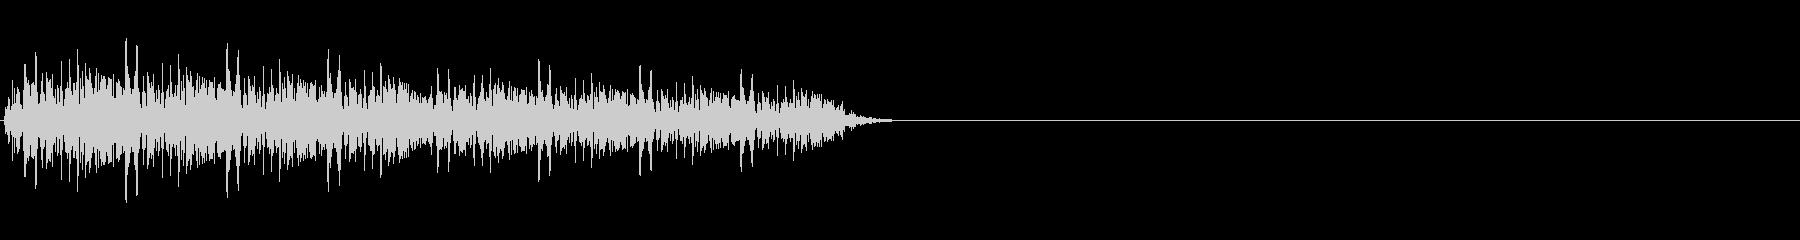 回転音(長い)の未再生の波形